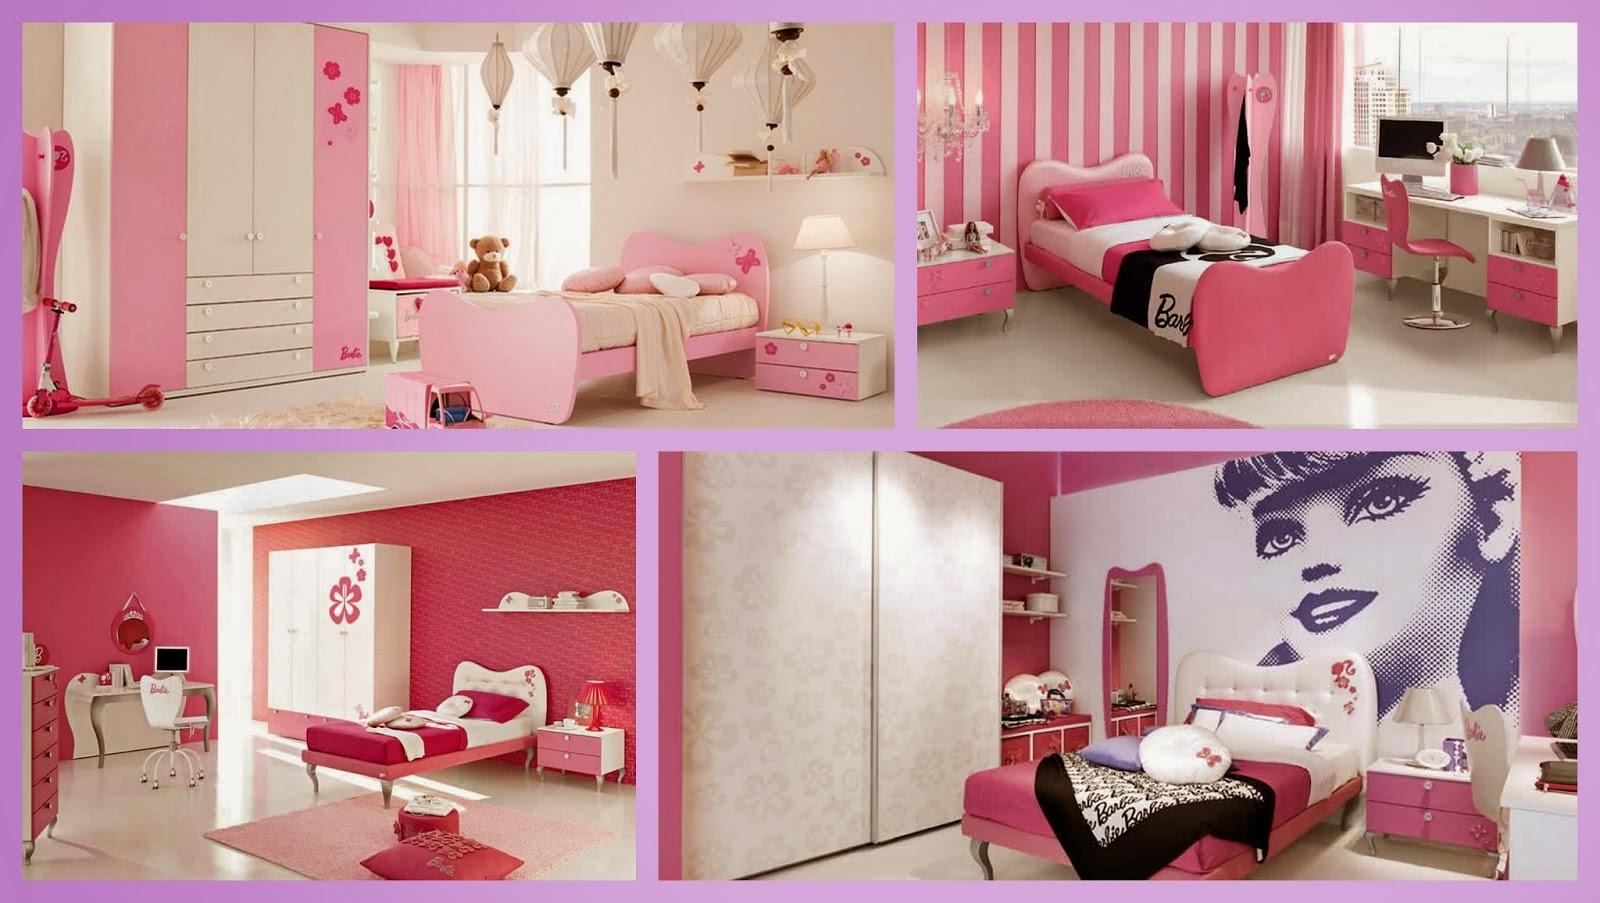 Quarto Decorado Infantil Da Barbie ~ alguns leves toques rosa, todo branco com algumas pe?as decorativas